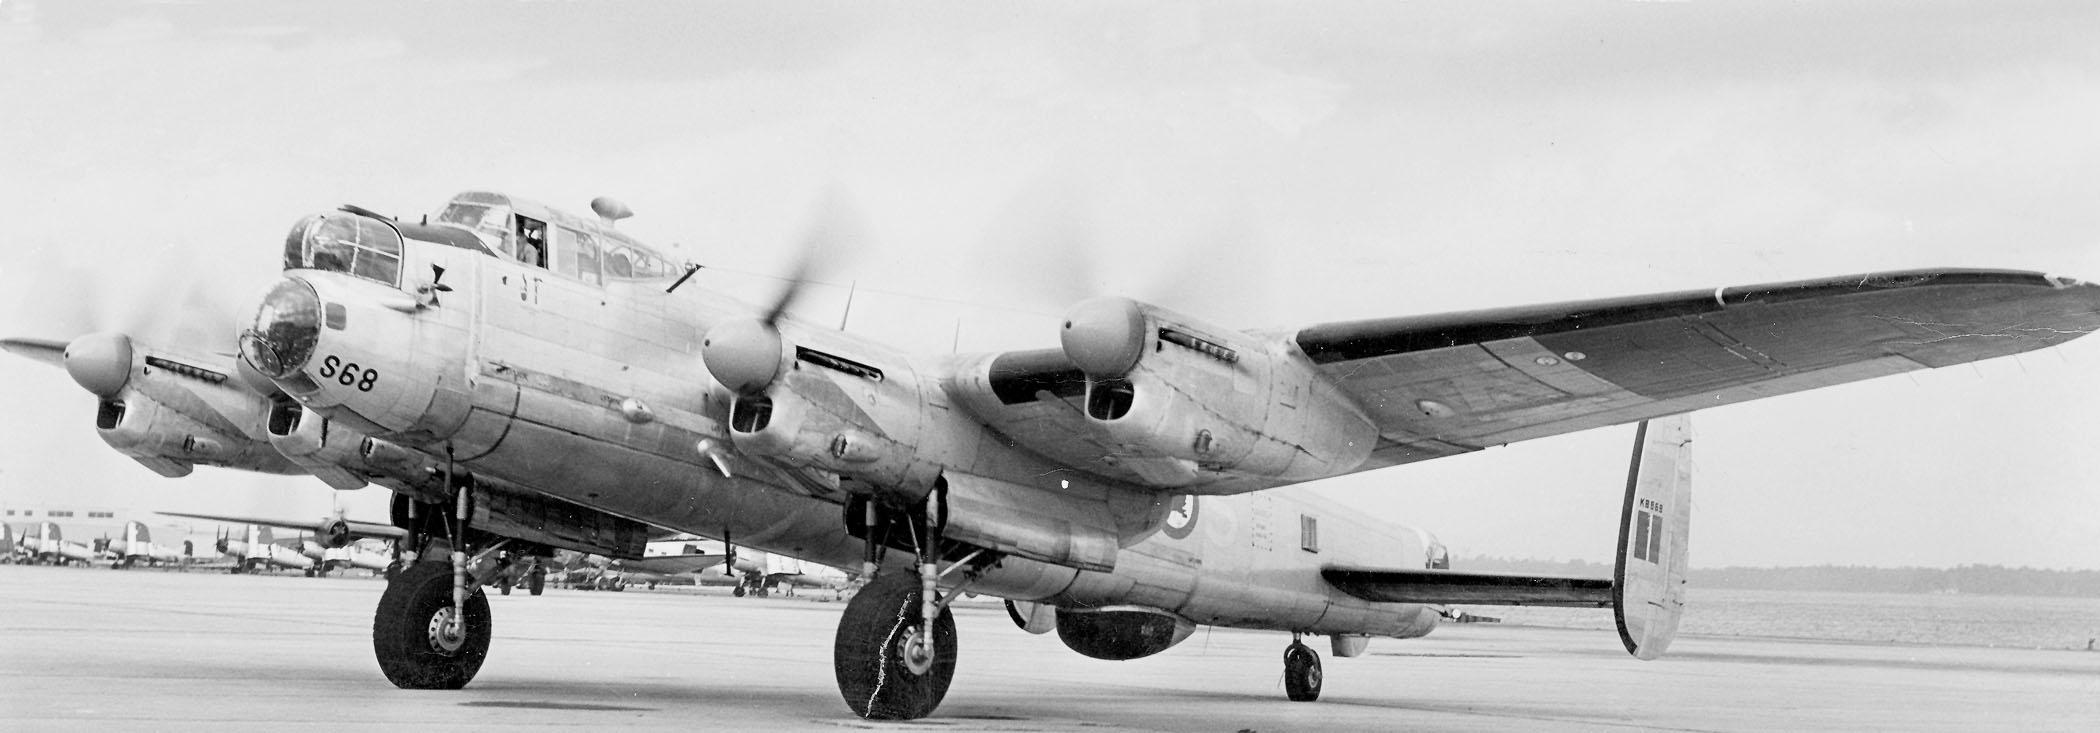 405quadronancaster10aritimeatrolaircraftinebruary1953